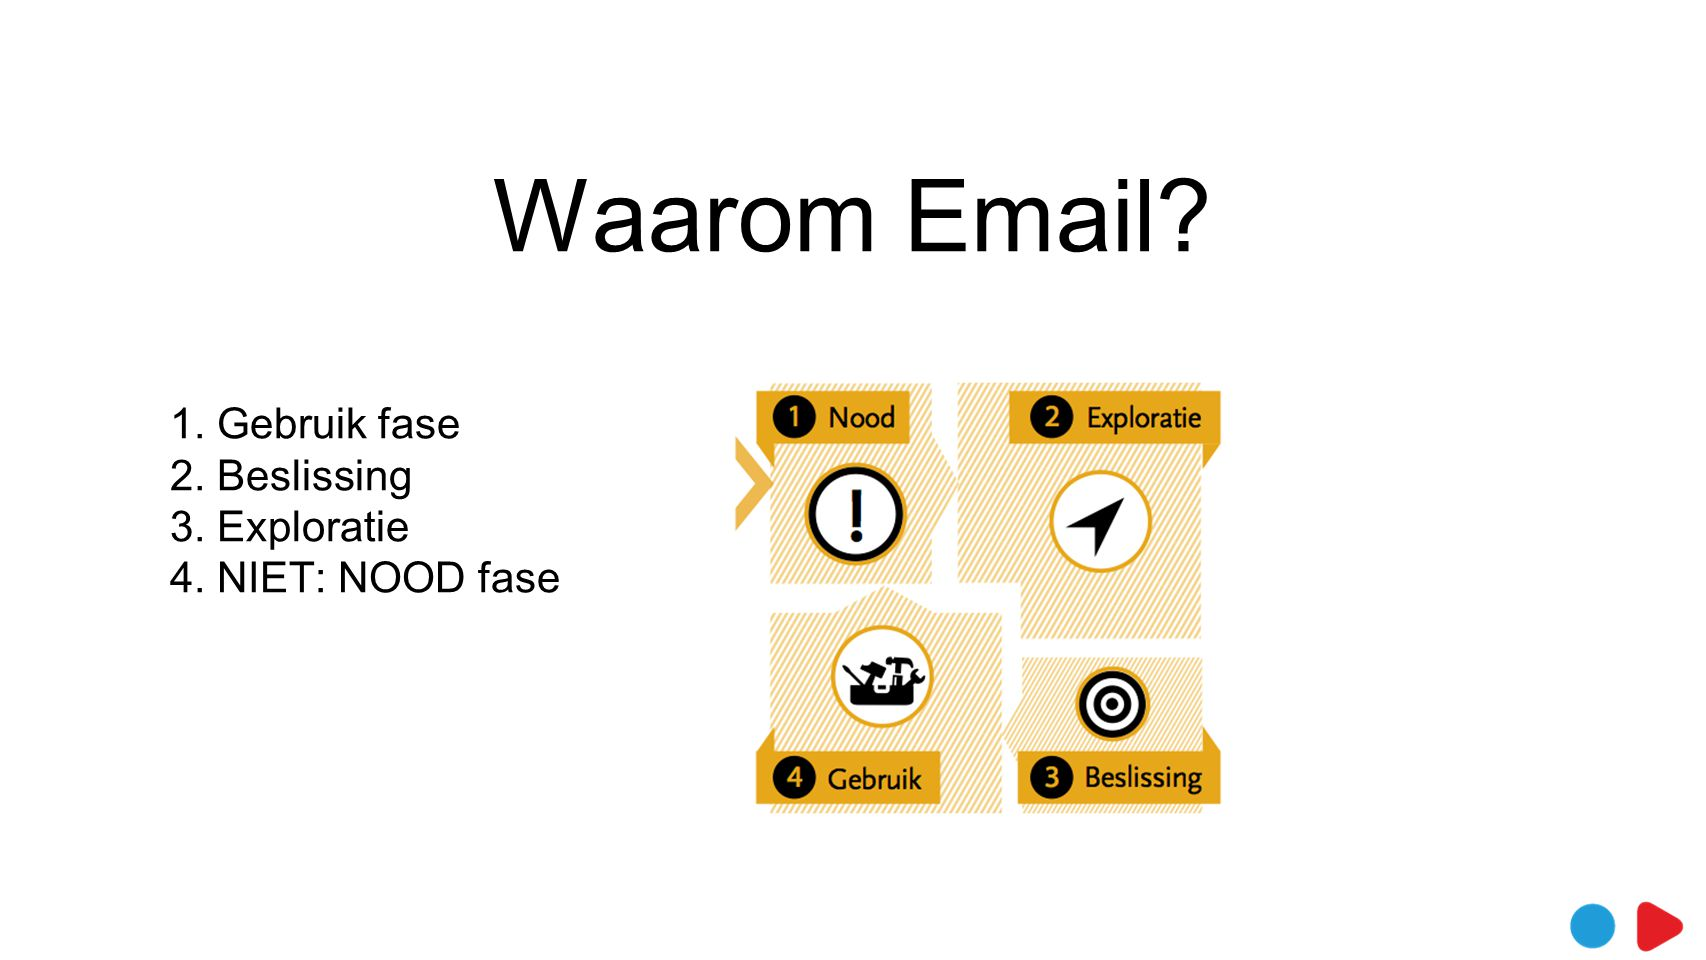 Waarom Email 1. Gebruik fase 2. Beslissing 3. Exploratie 4. NIET: NOOD fase Niet in de NOOD fase (voor nieuwe klanten)